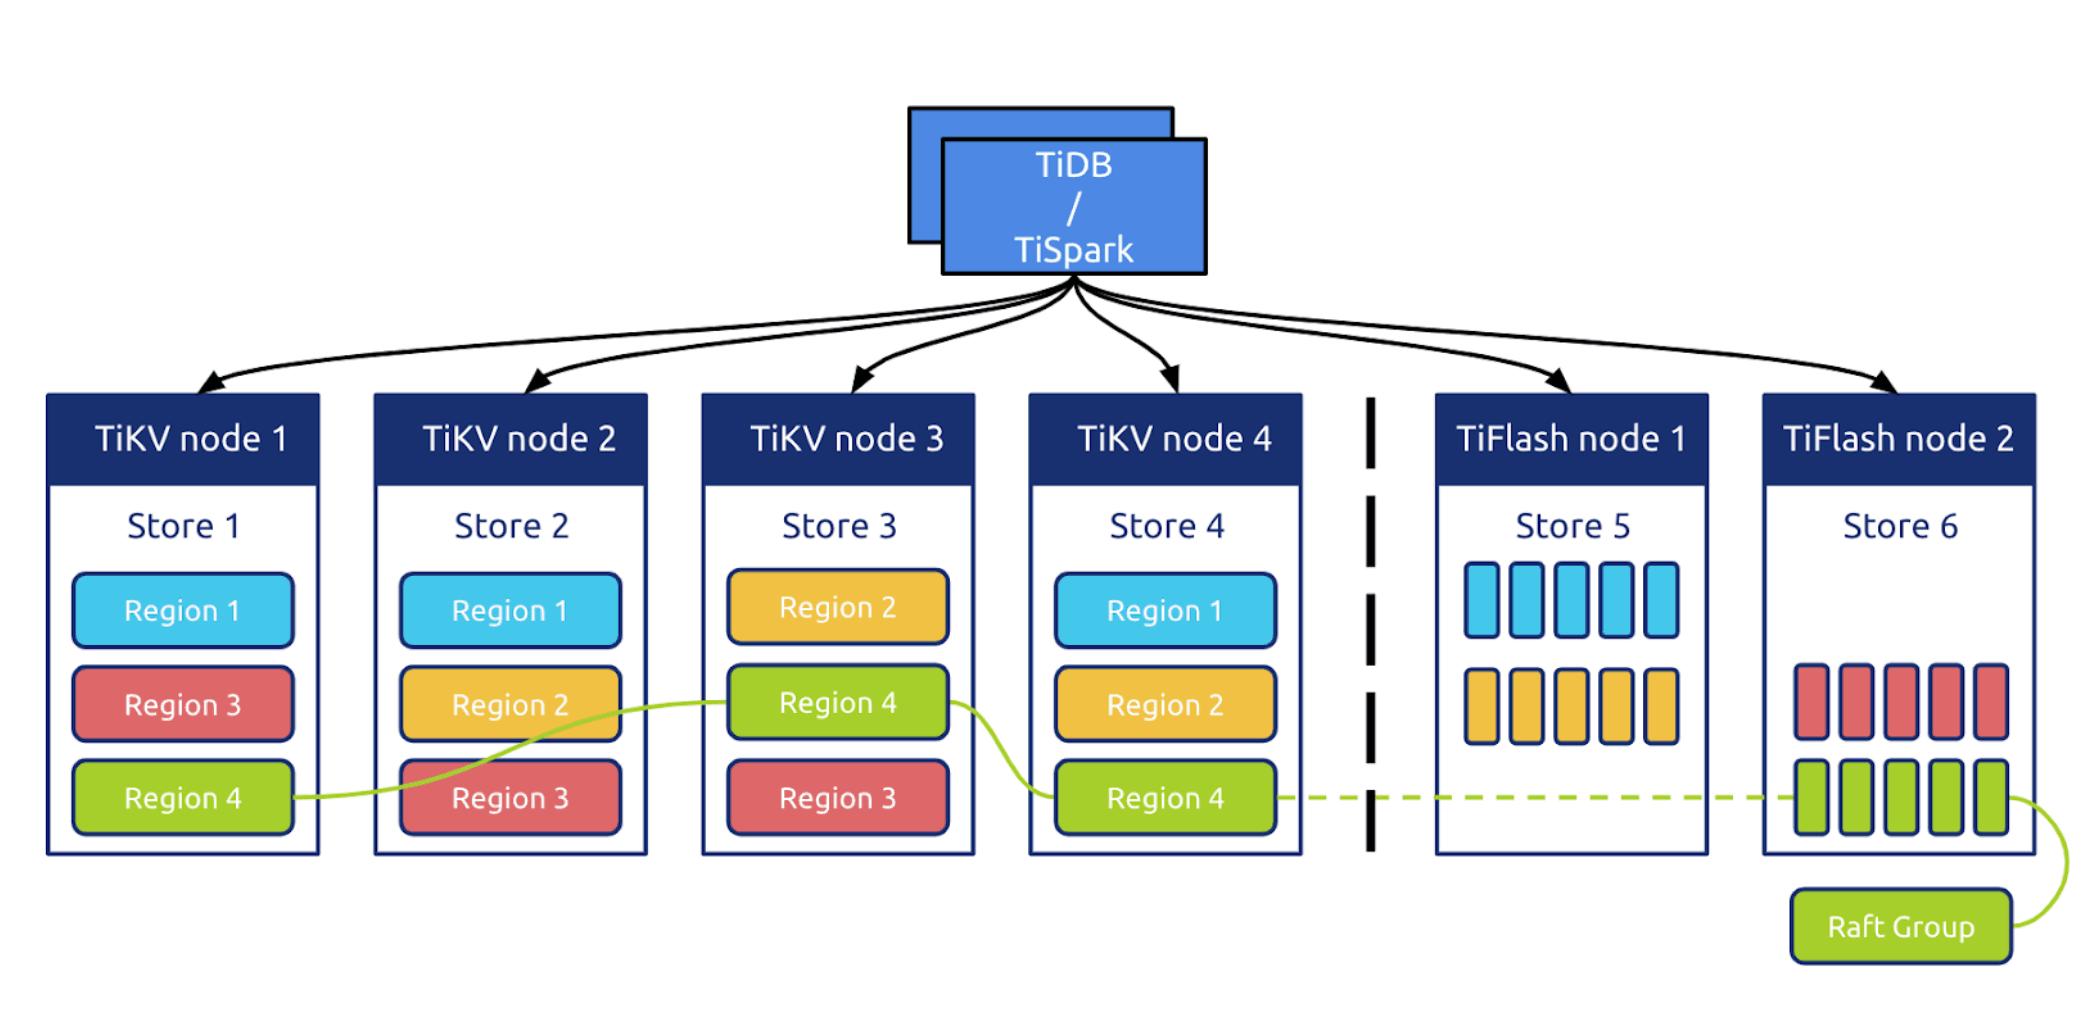 Tidb 行存和列存架构图